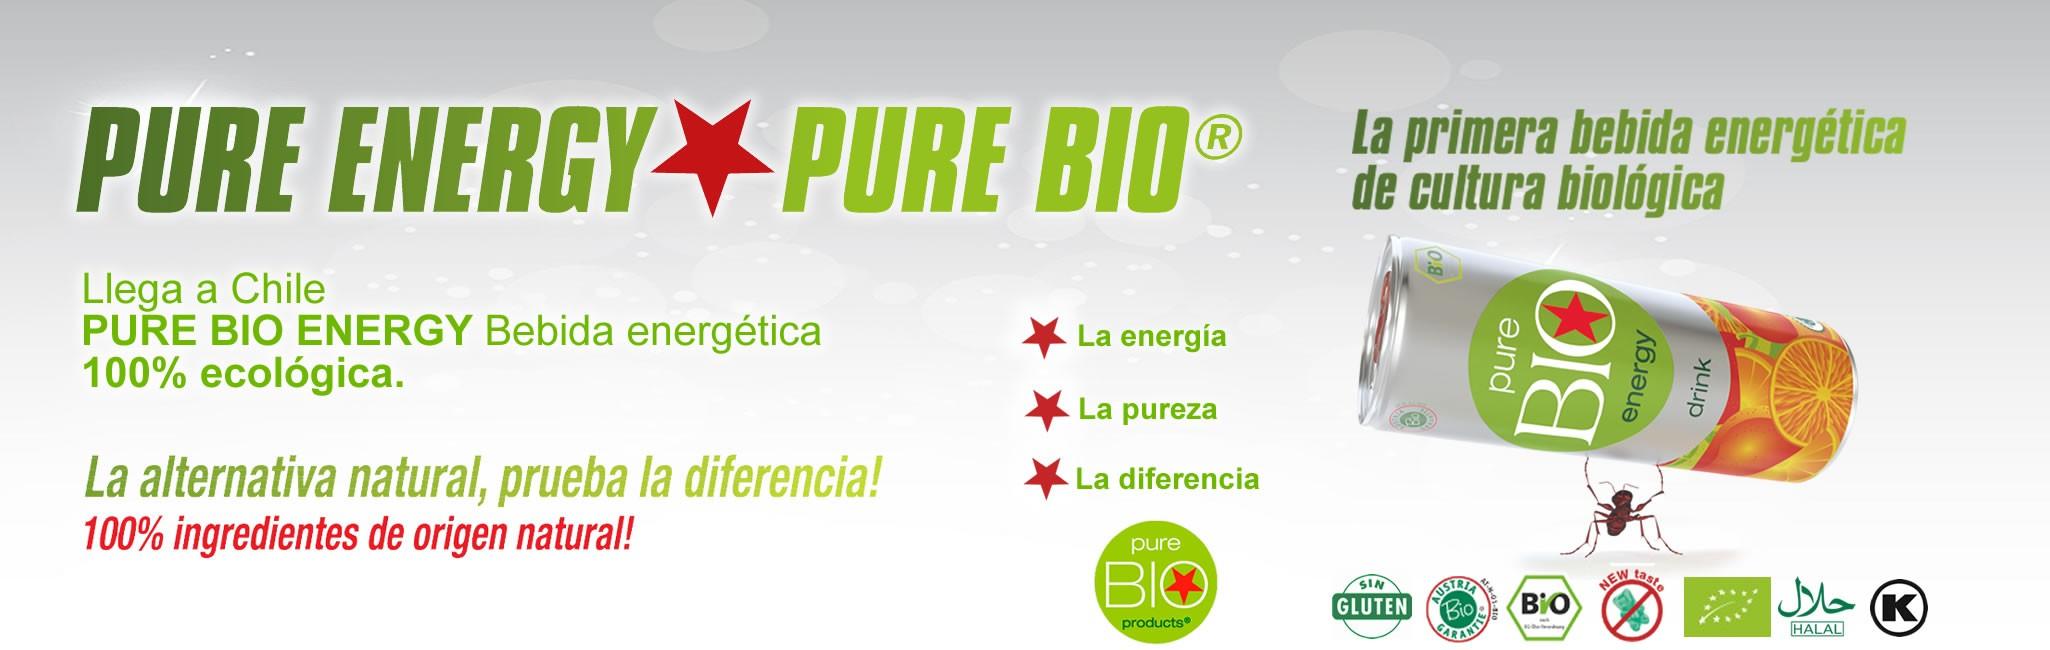 Pure Bio Energizante